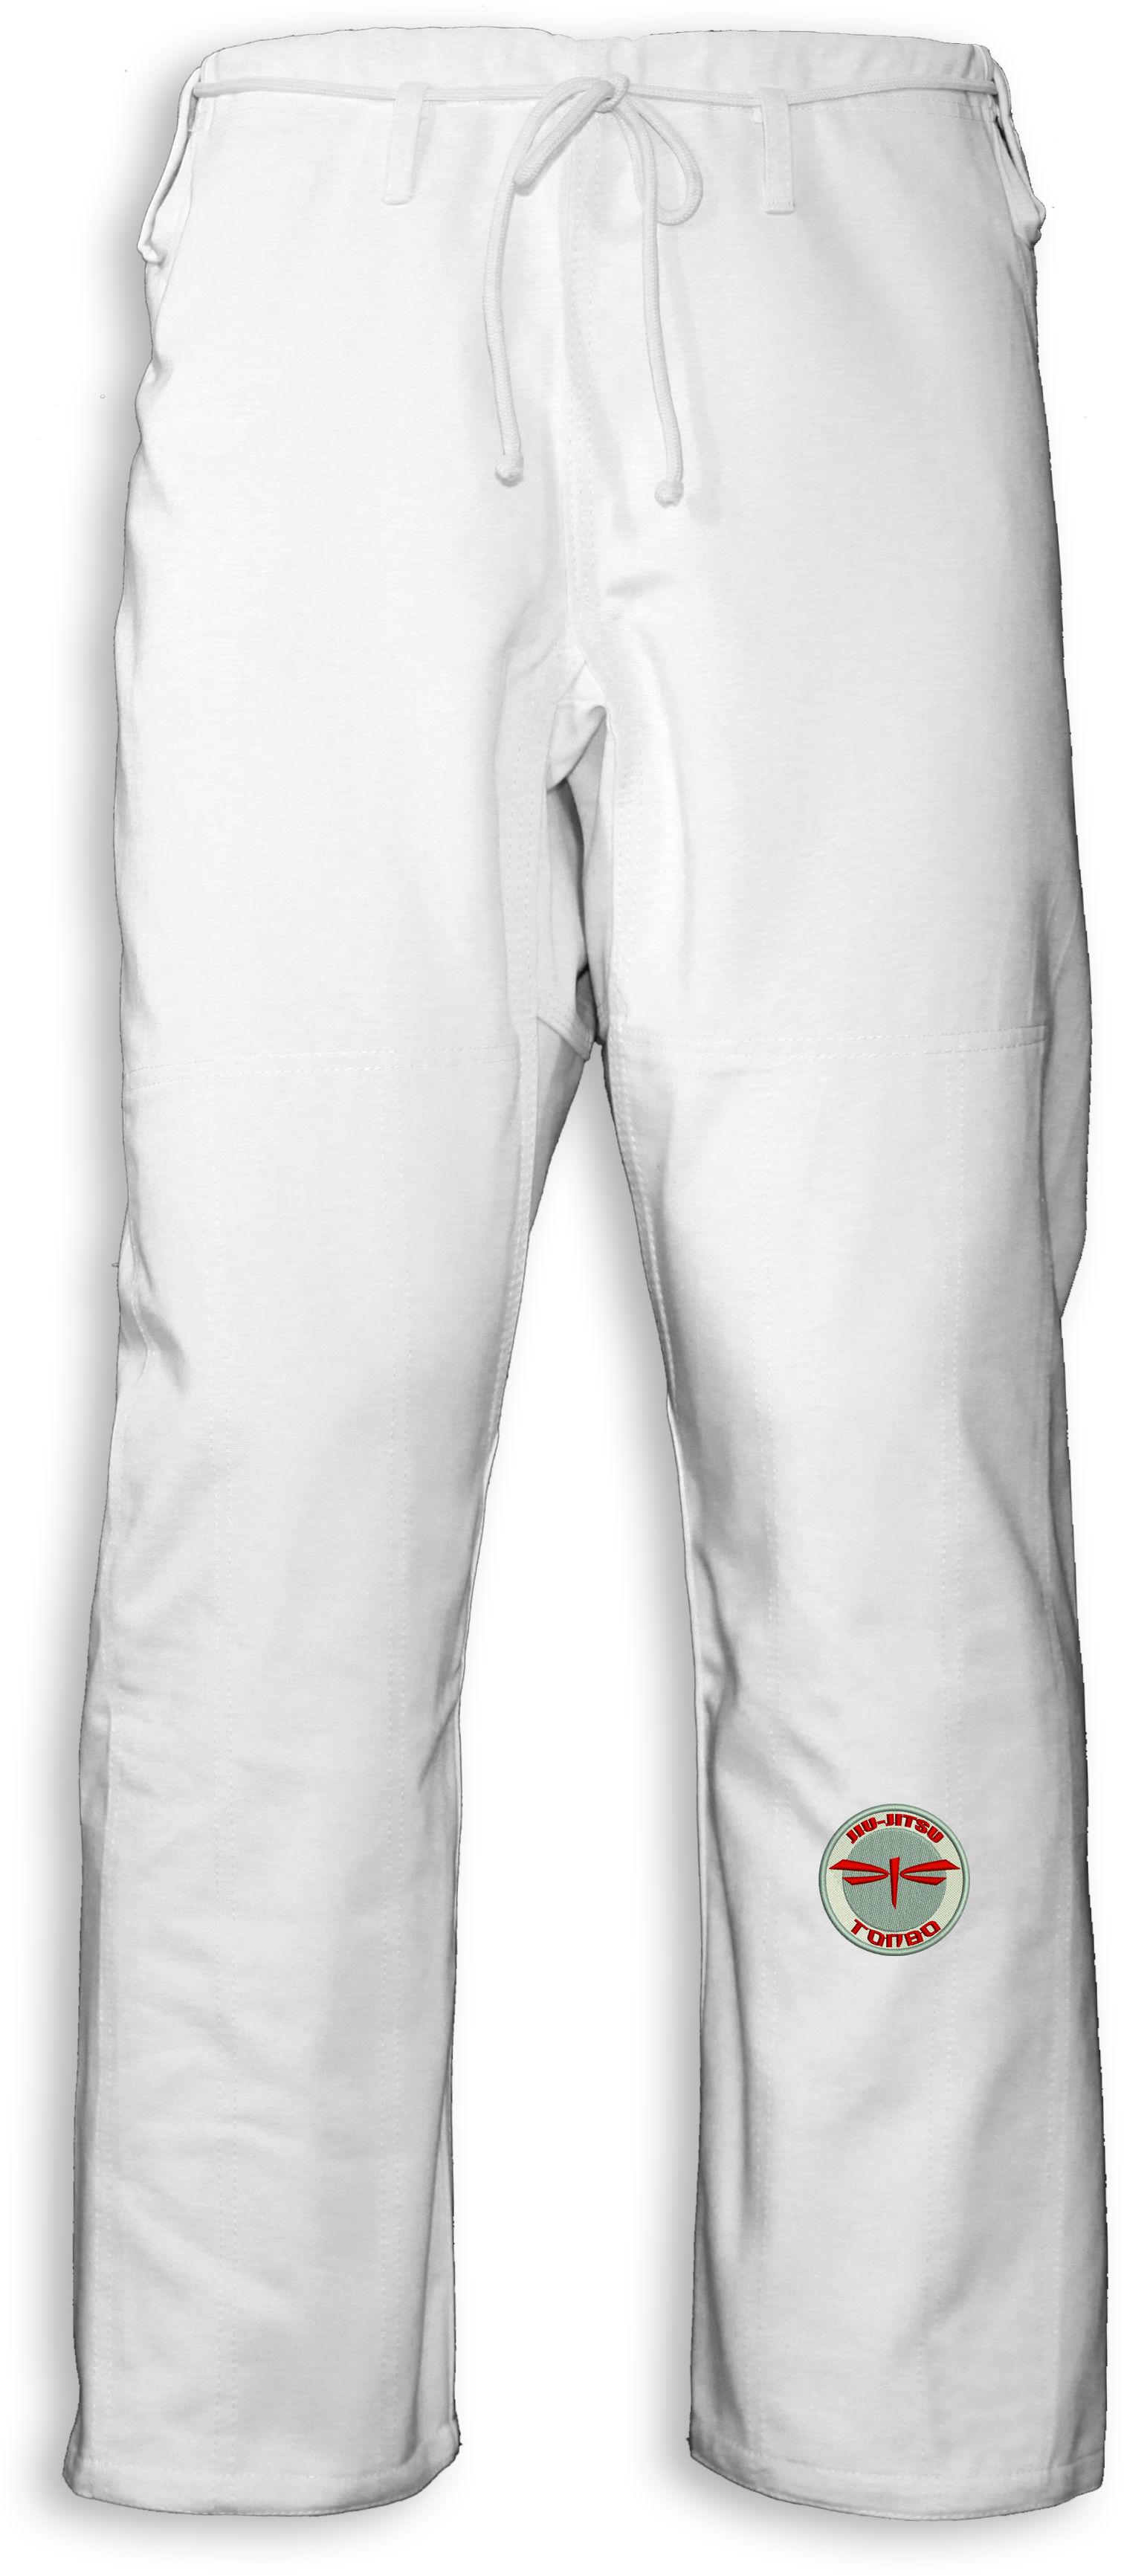 spodnie BJJ / Jiu-jitsu NAKED, białe, 12oz (27 rozmiarów)